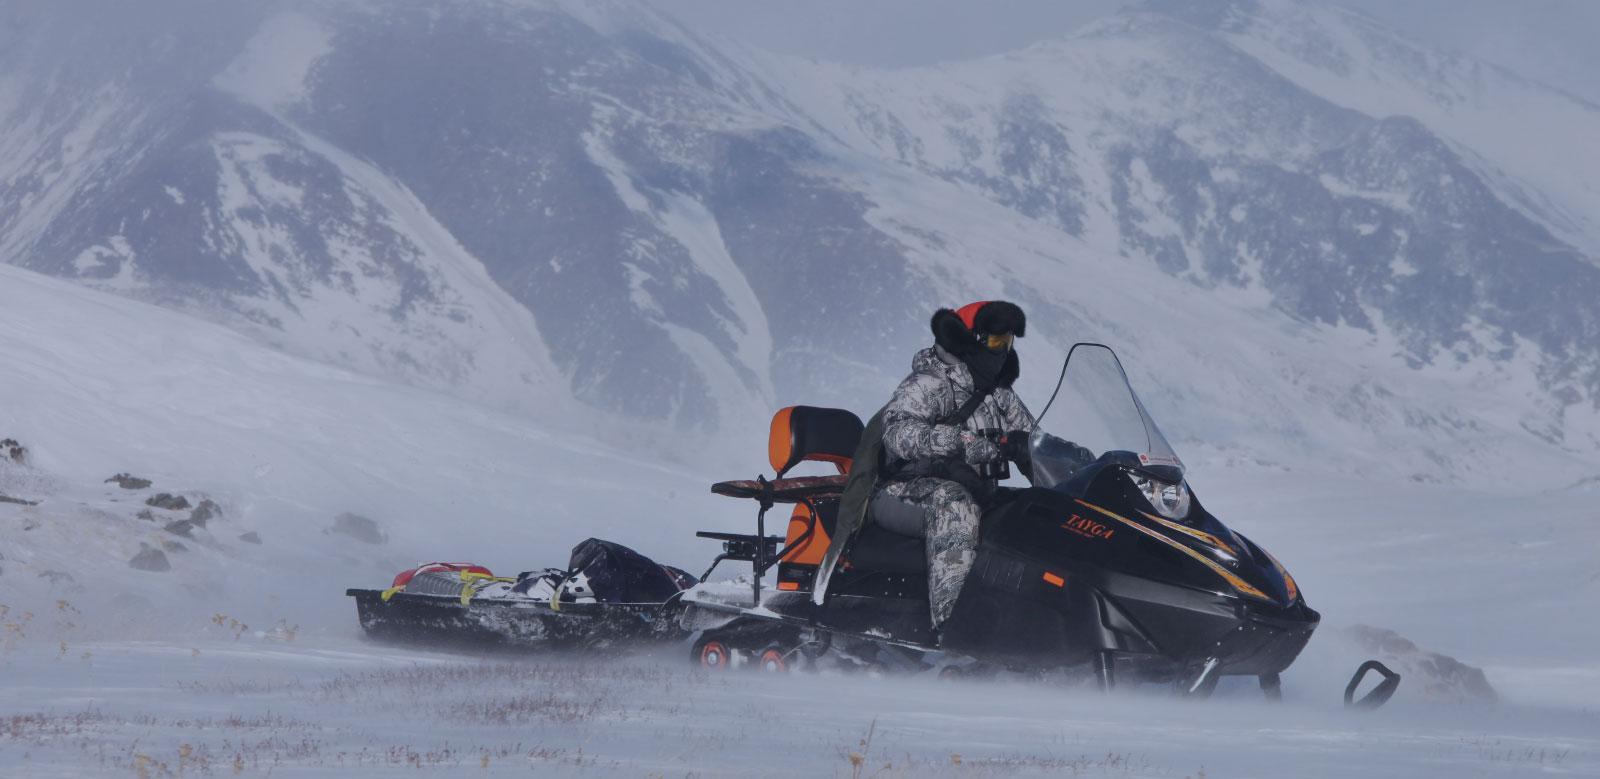 """Все о снегоходах отечественной марки """"Тайга"""" - отзывы владельцев, технические характеристики и советы по эксплуатации"""